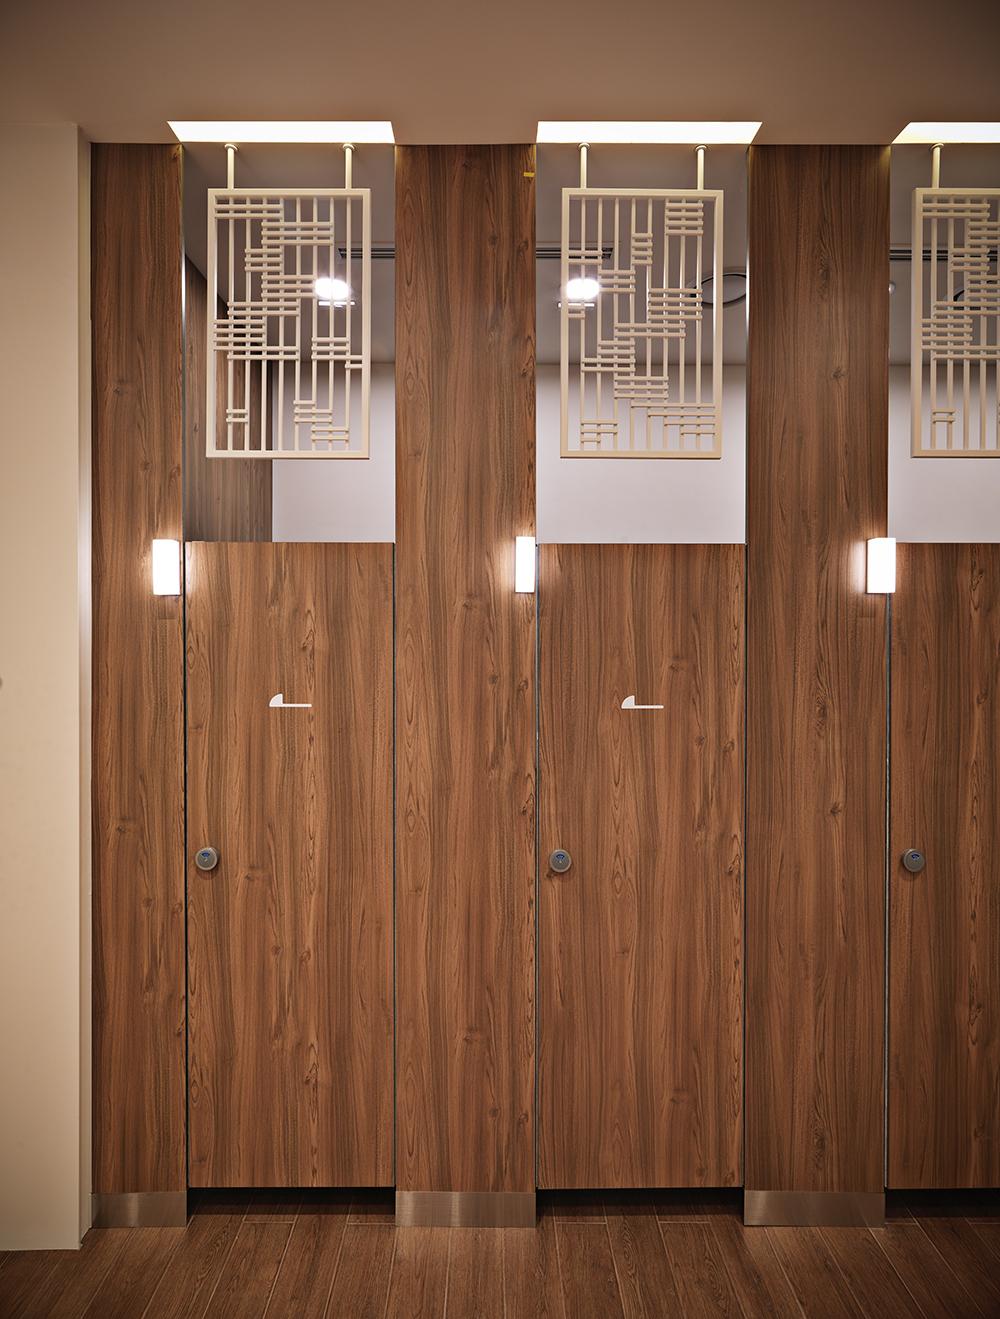 (1000px_Teo Yang Studio) 망향 휴게소 화장실 개선 프로젝트 준공사진_13.jpg